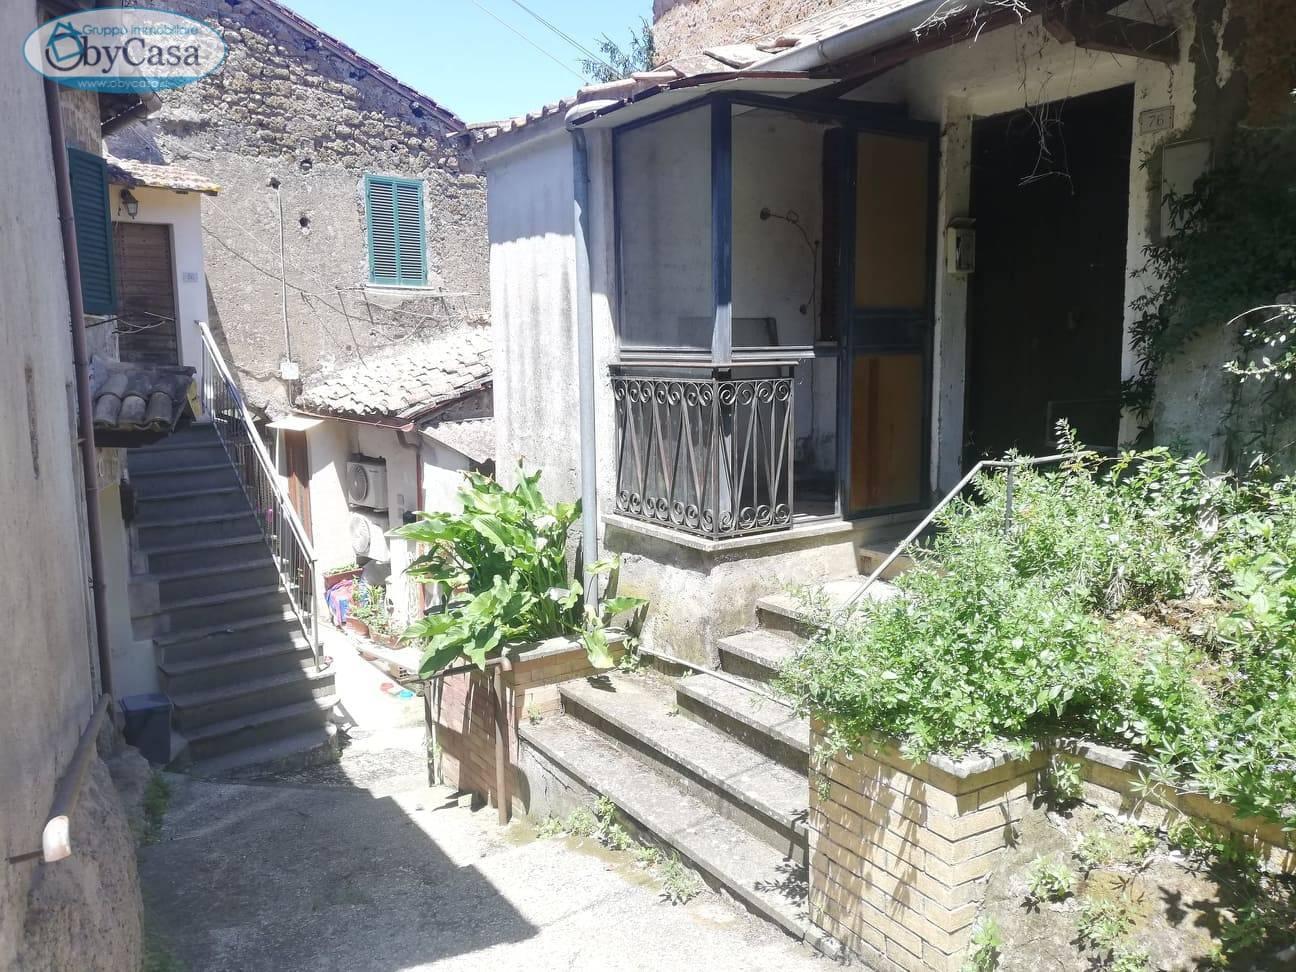 Soluzione Indipendente in vendita a Bassano Romano, 3 locali, zona Località: bassanoromano, prezzo € 35.000 | CambioCasa.it